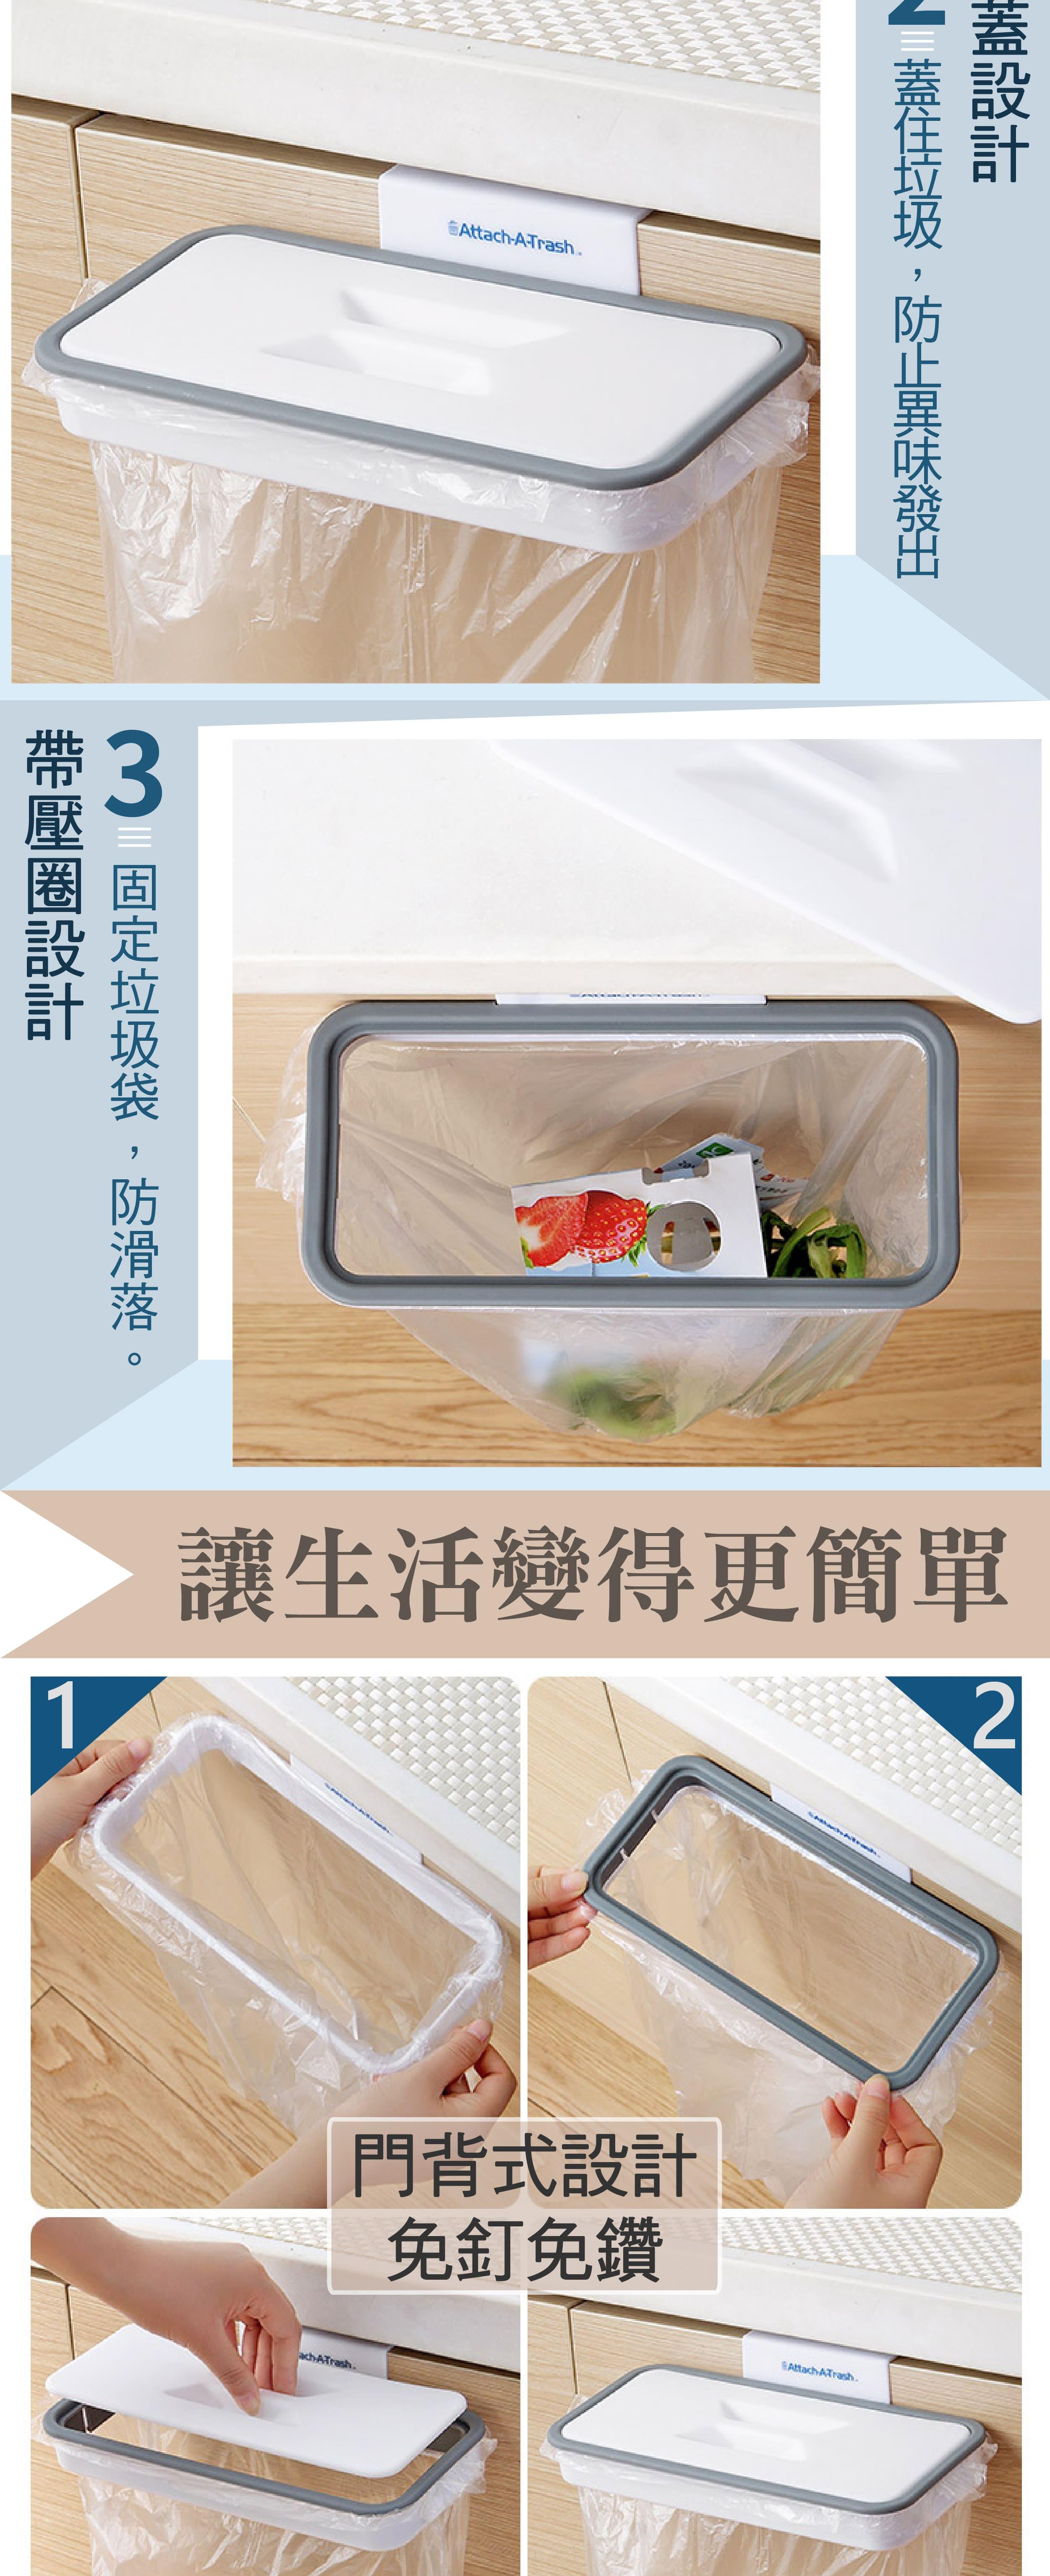 廚房垃圾架